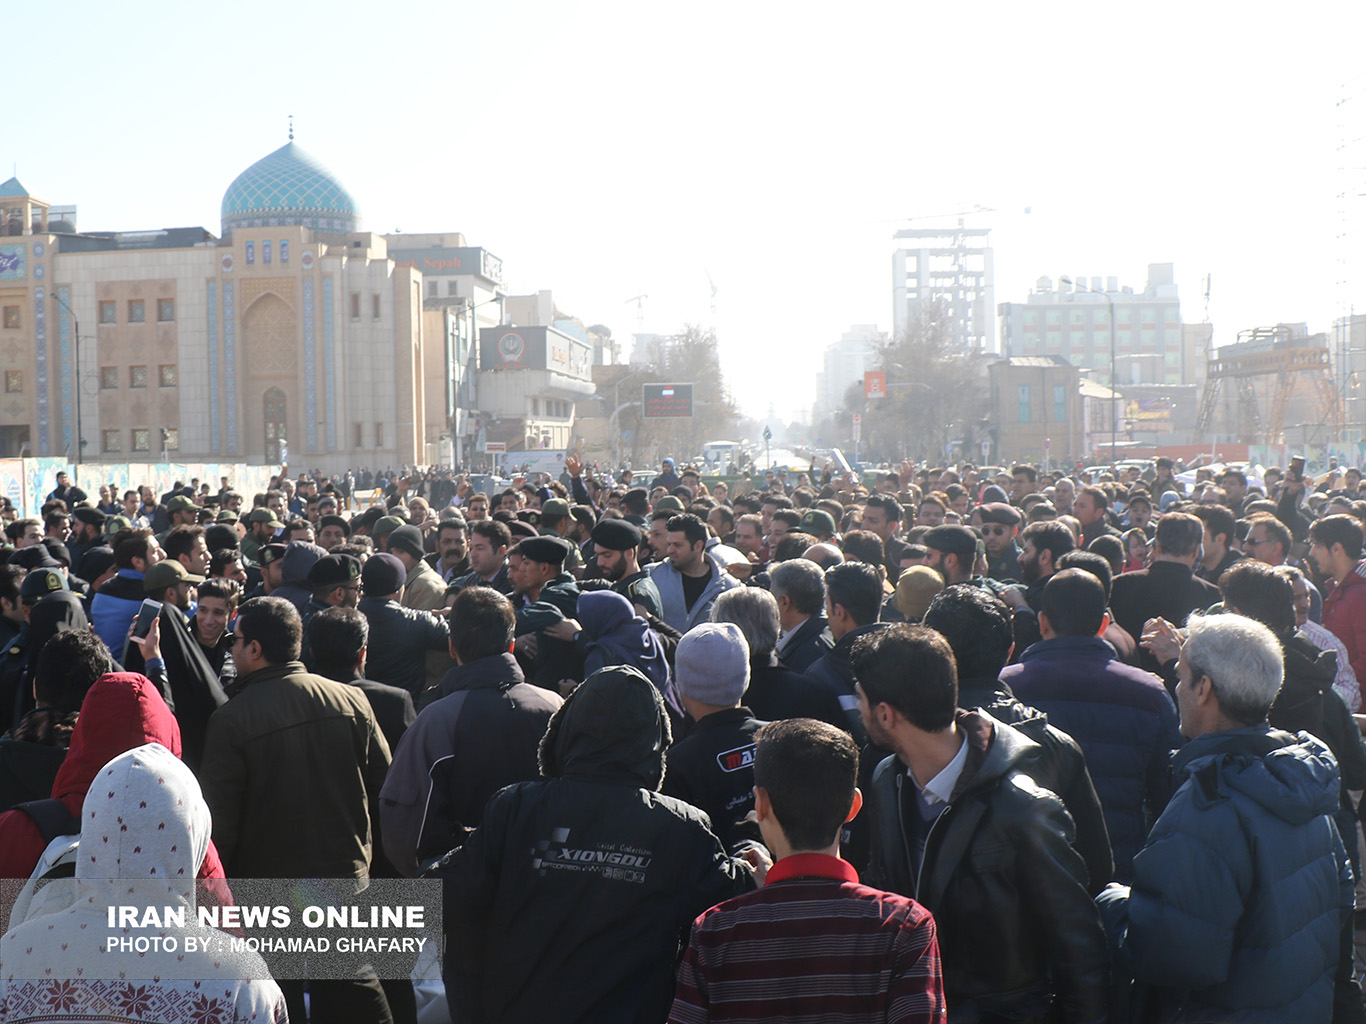 سه نکته درباره تظاهرات اعتراضی روزهای اخیر: صدای مردم را باید شنید